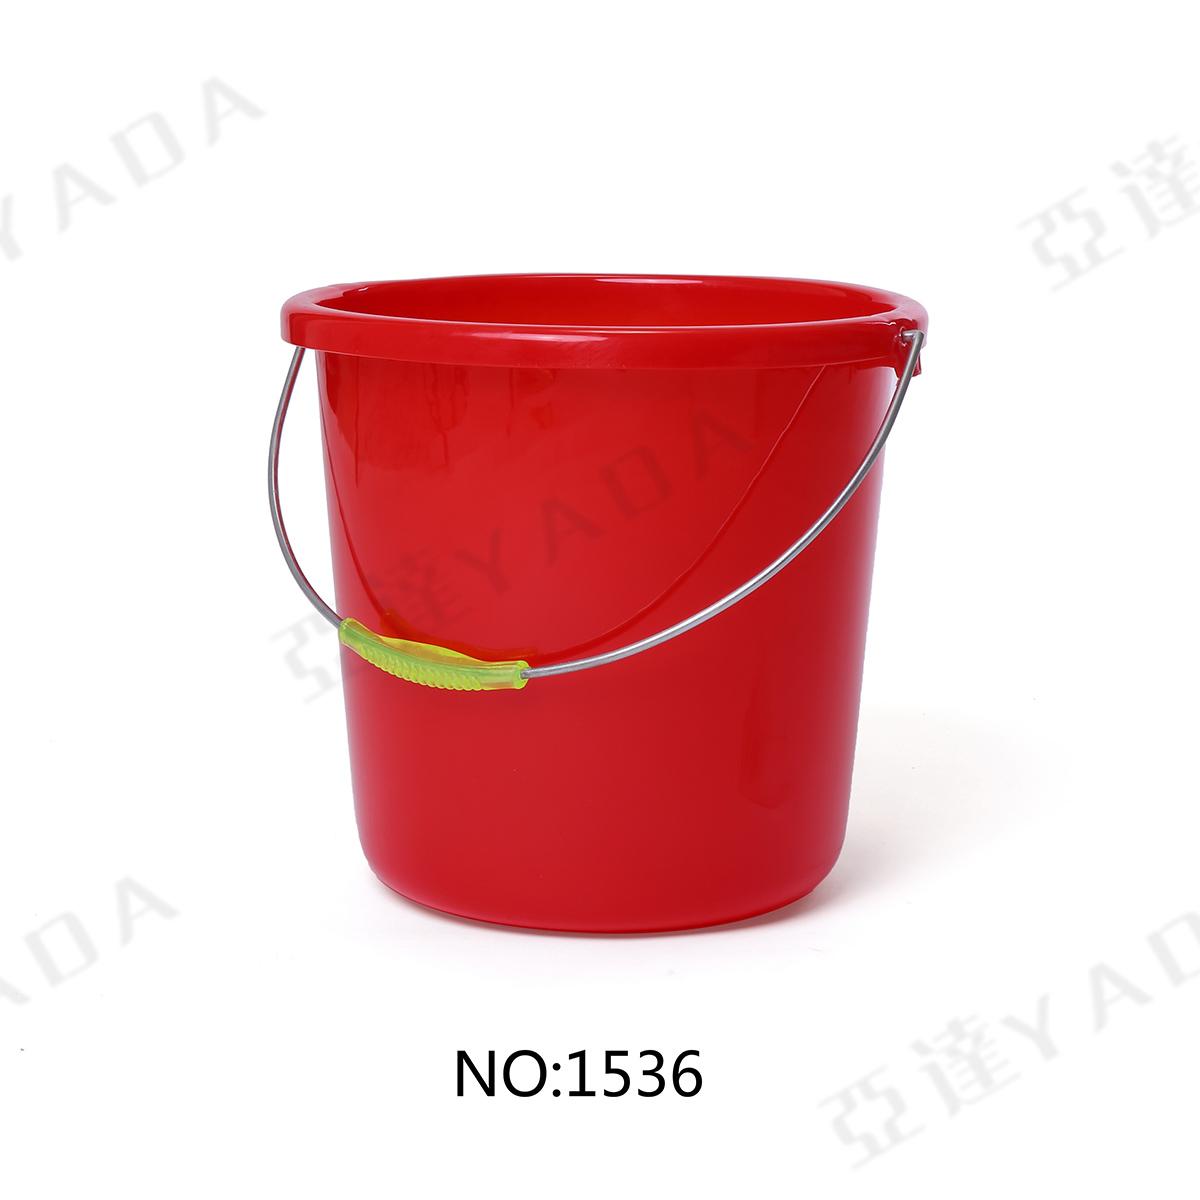 1532提水桶-CH2A2577